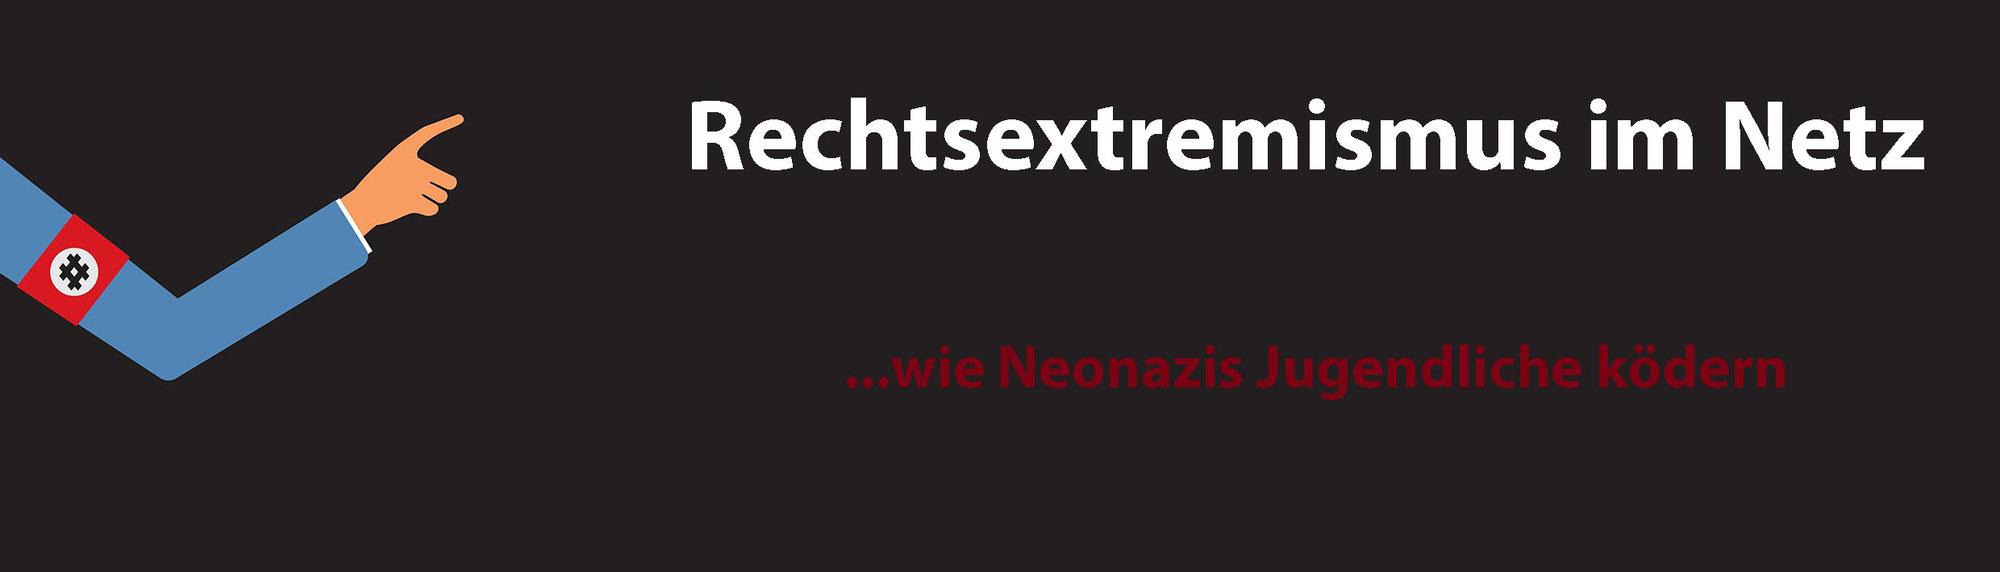 Rechtsextremismus im Netz – wie Neonazis Jugendliche ködern